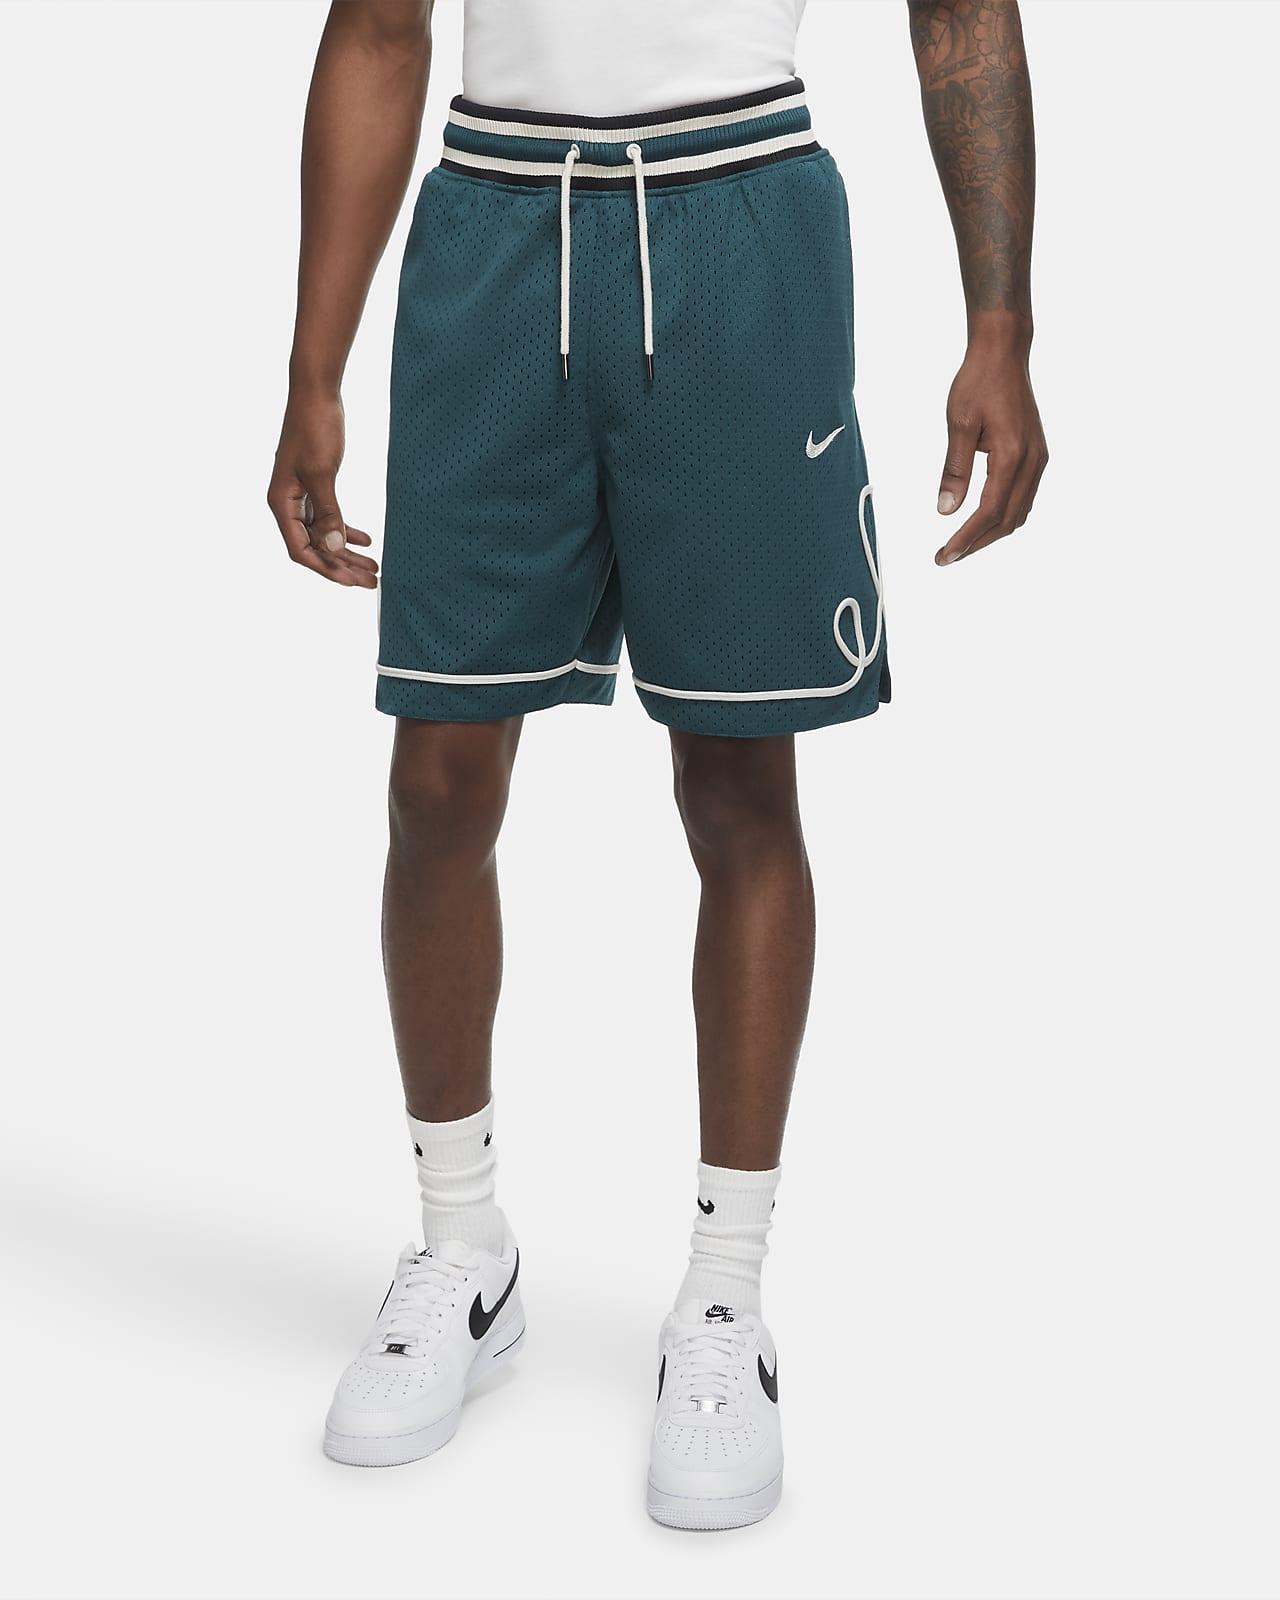 Shorts de básquetbol premium para hombre Nike